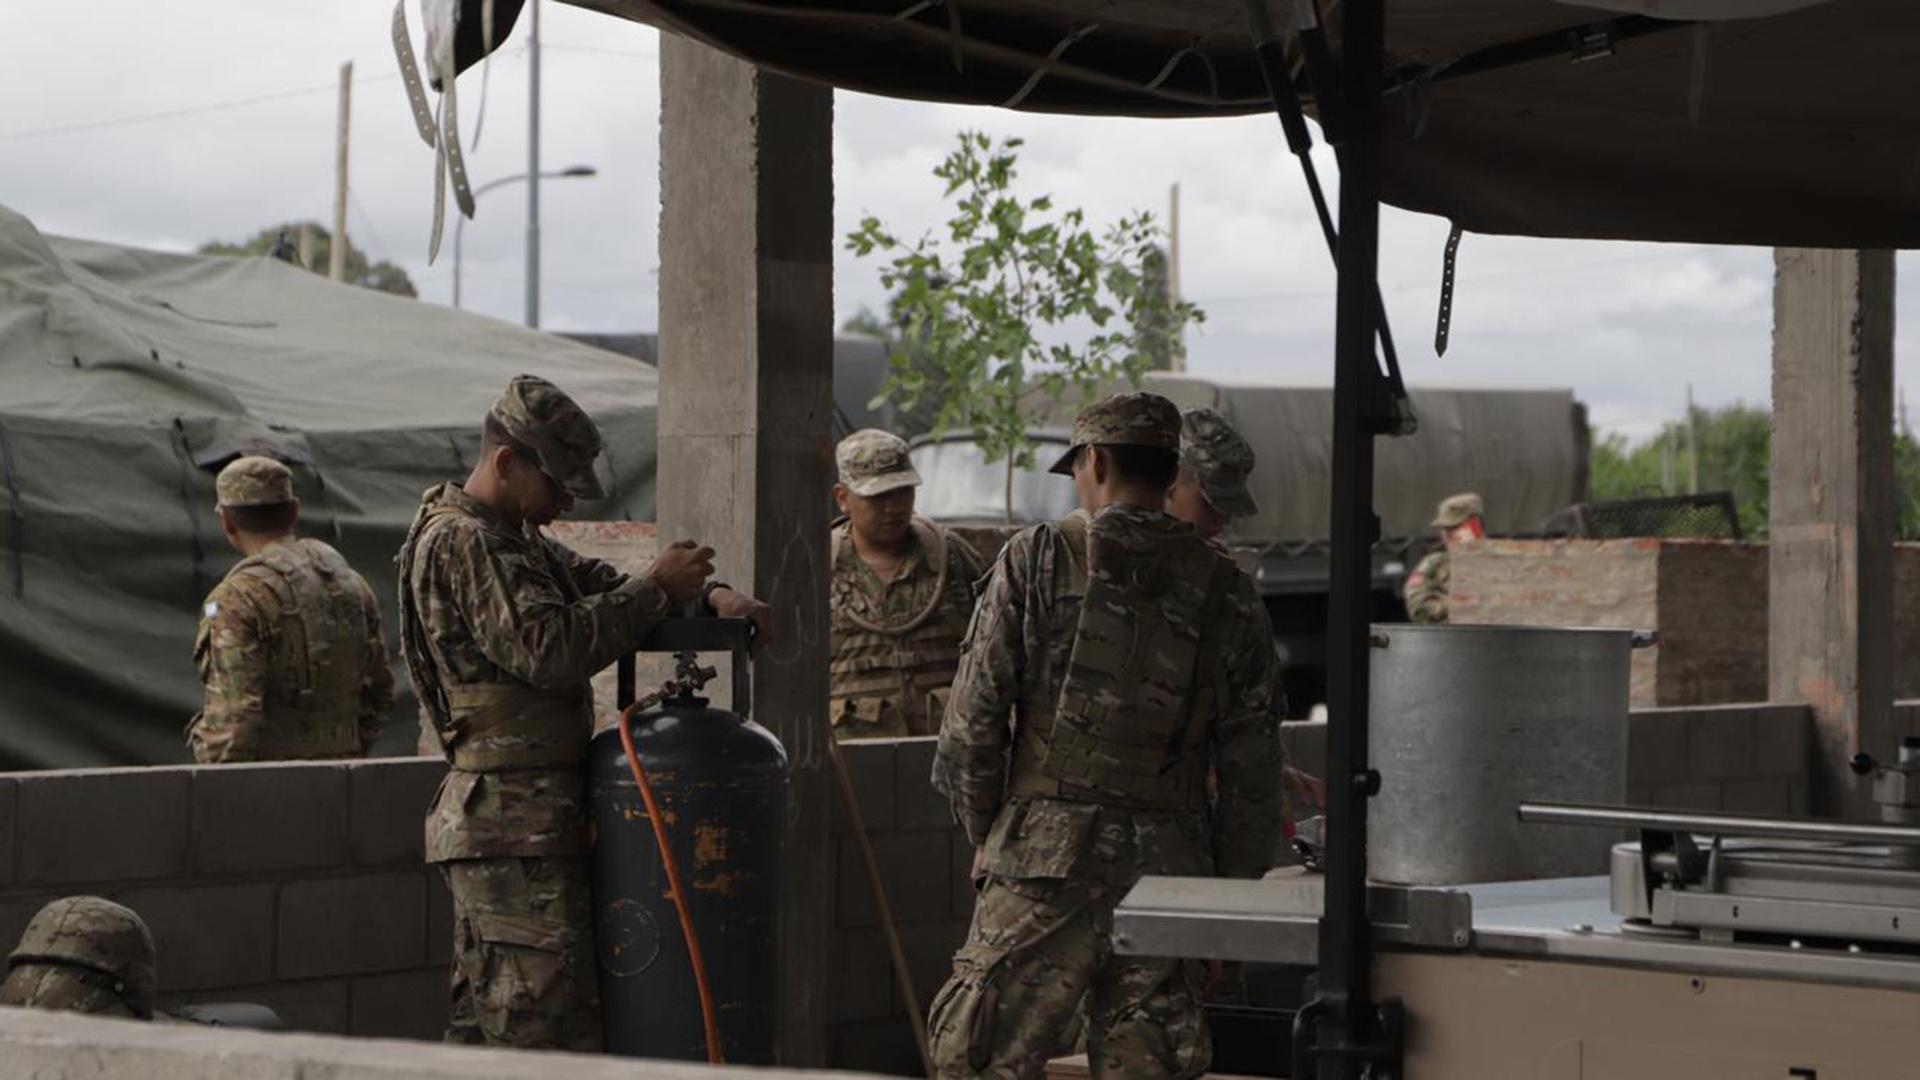 Los efectivos del Ejército que están desplegados pertenecen a los regimientos de Granaderos a Caballo General San Martín; Regimiento de Infantería 1 Patricios y Regimiento de Infantería 1 Iriarte